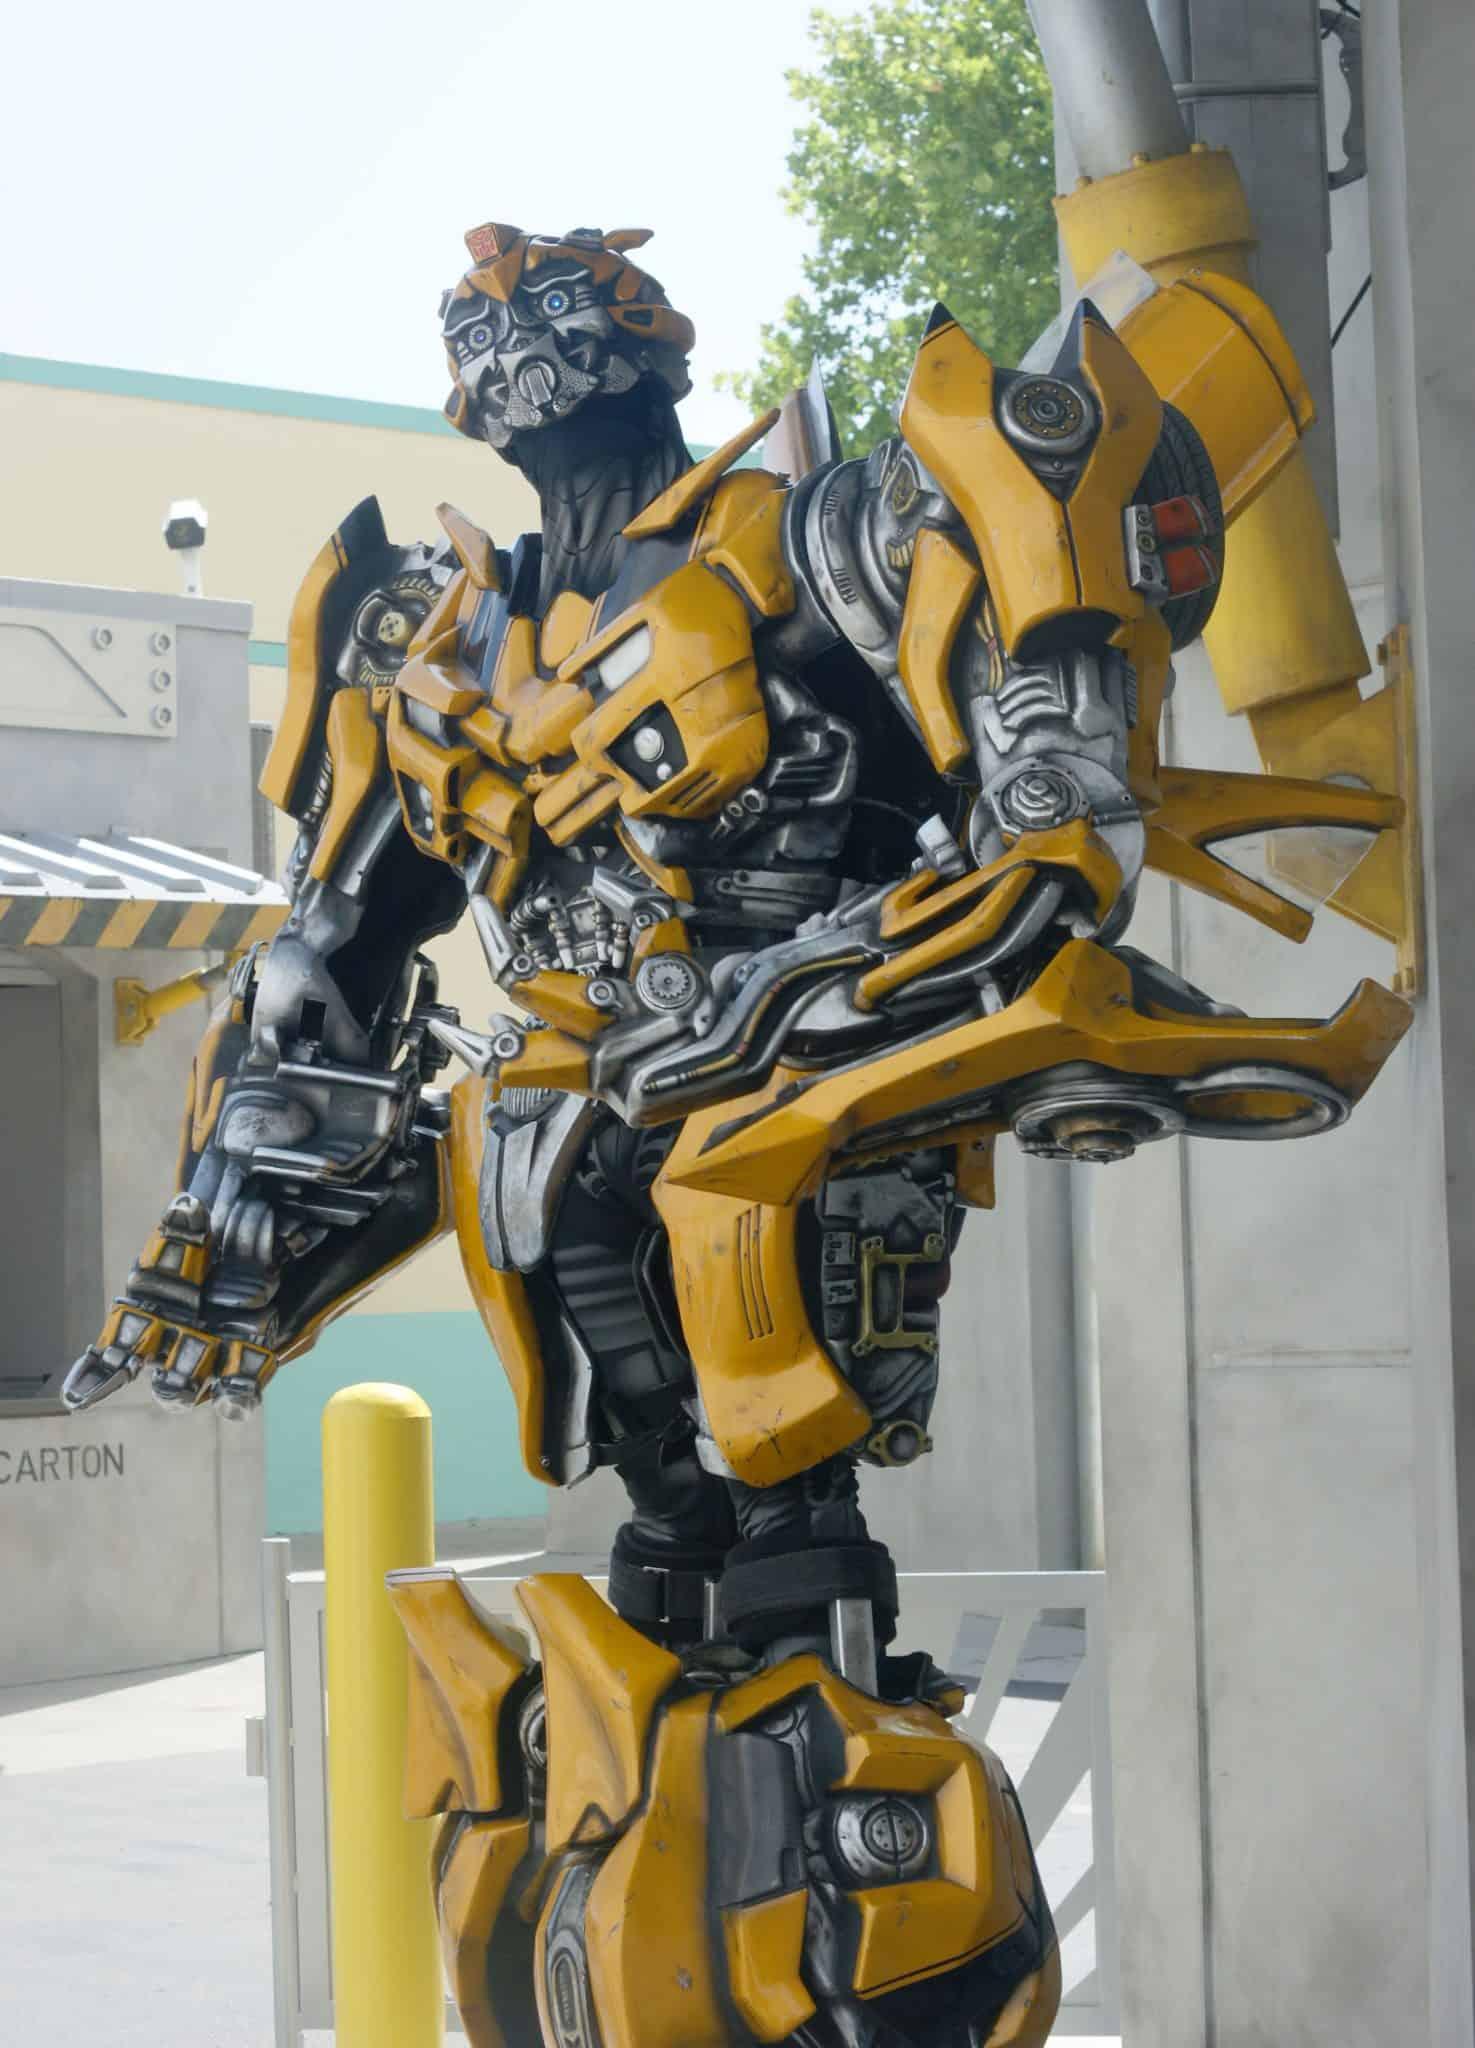 Bumblebee - #UniversalStudios #DiagonAlley #Travel #Florida #orlando #Universal #Transformers